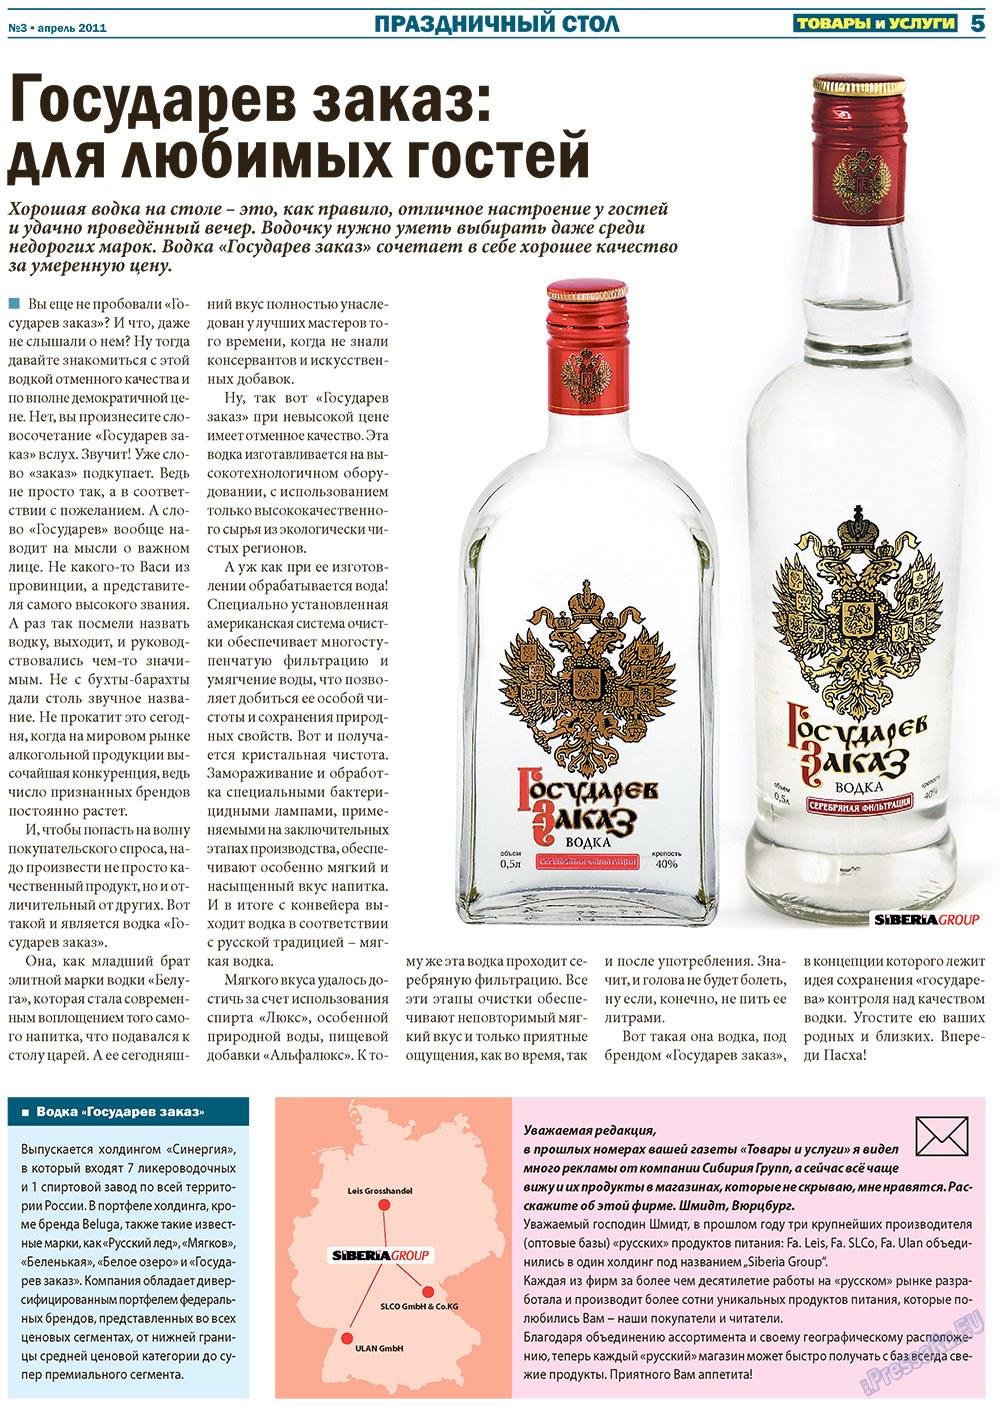 Товары и услуги (газета). 2011 год, номер 3, стр. 5